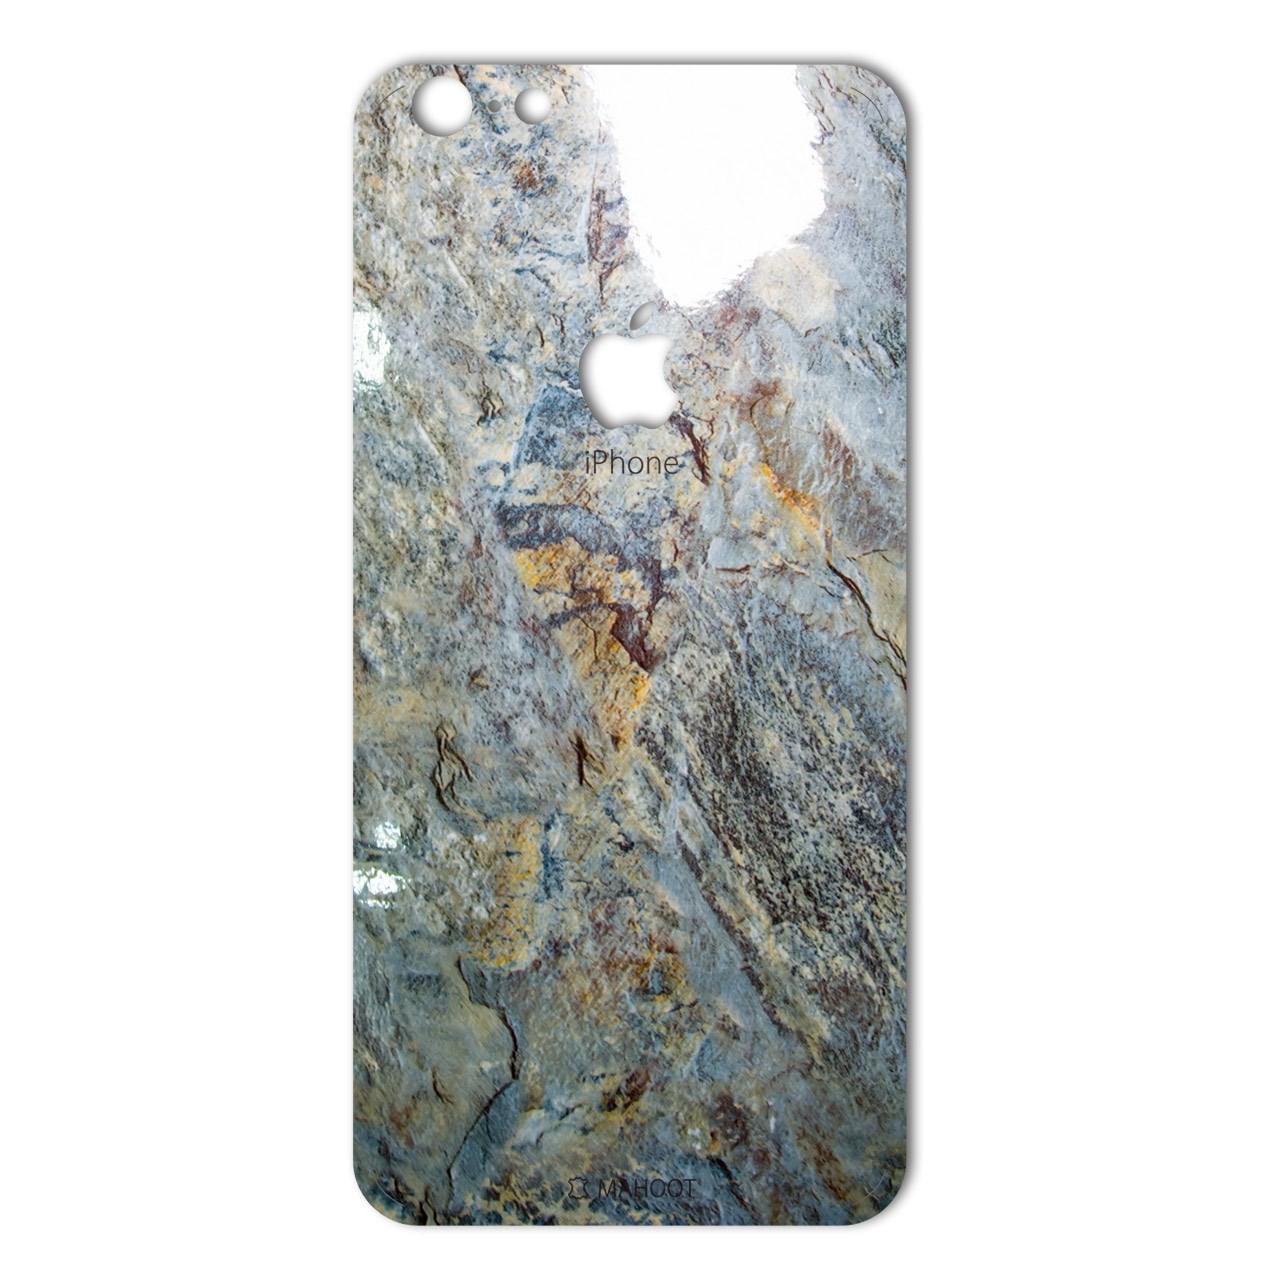 برچسب پوششی ماهوت مدل Marble-vein-cut Special مناسب برای گوشی  iPhone 6 Plus/6s Plus